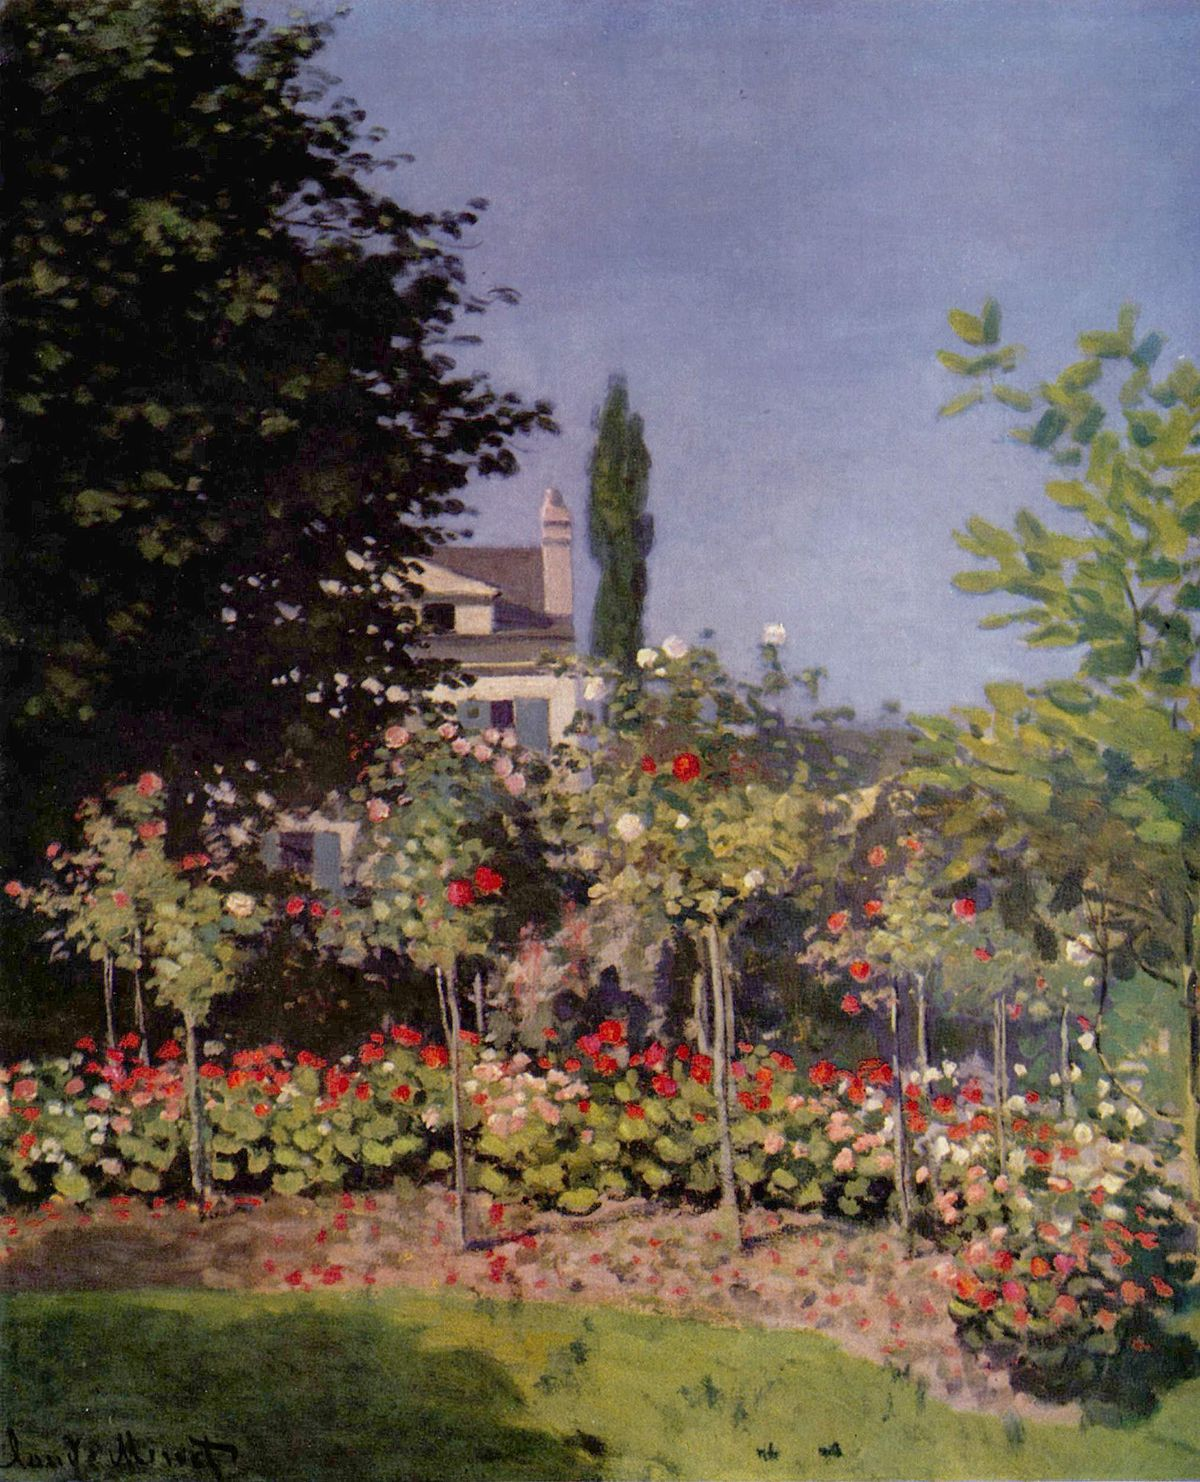 jardin wiktionnaire